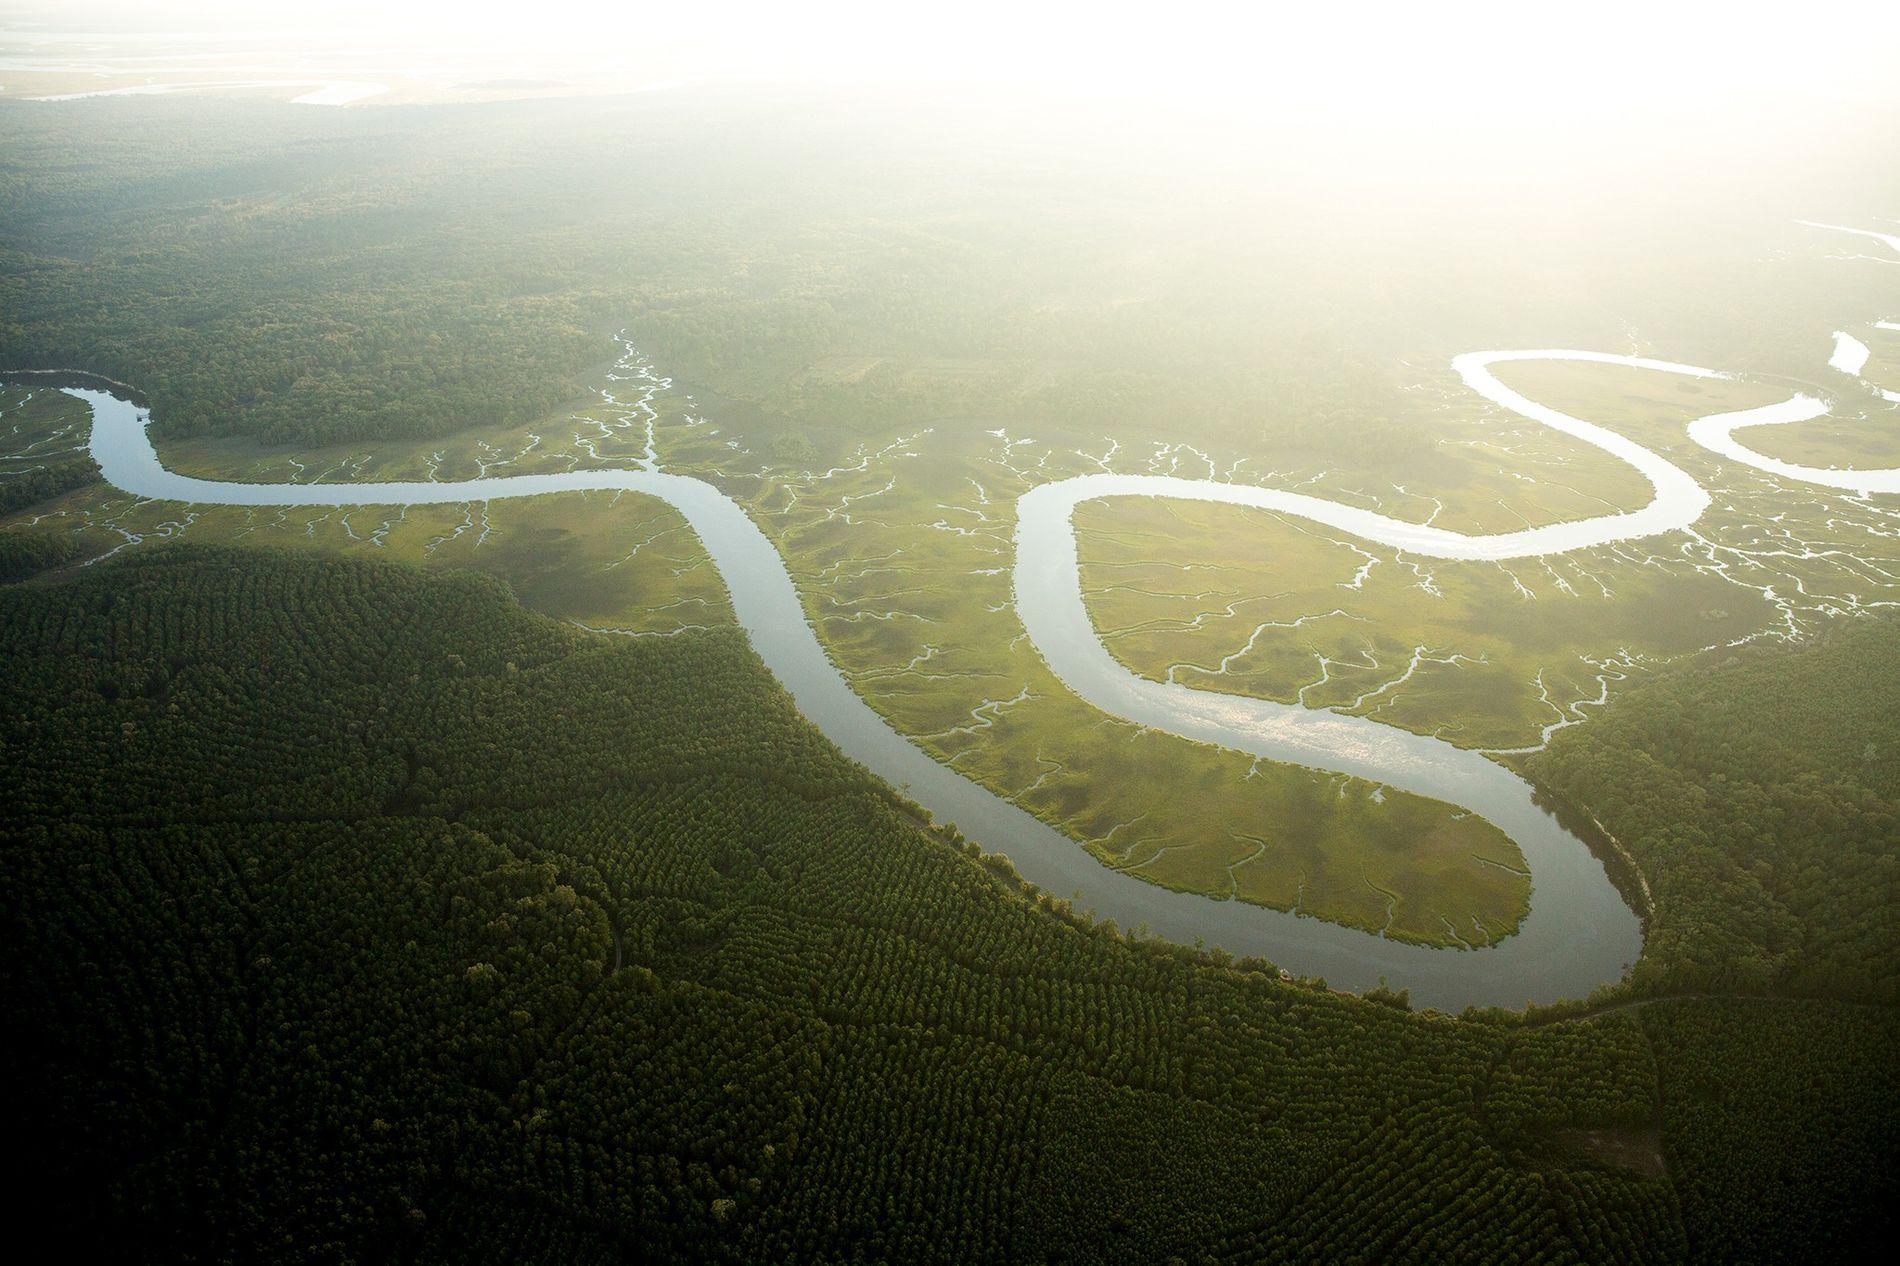 Les effets combinés de l'augmentation des niveaux de CO2 et des températures amplifieront la consommation d'eau par les végétaux, ce qui mènera à une baisse des niveaux d'eau dans les fleuves et rivières comme c'est le cas pour du fleuve Ashepoo en Caroline du Sud ici photographié.